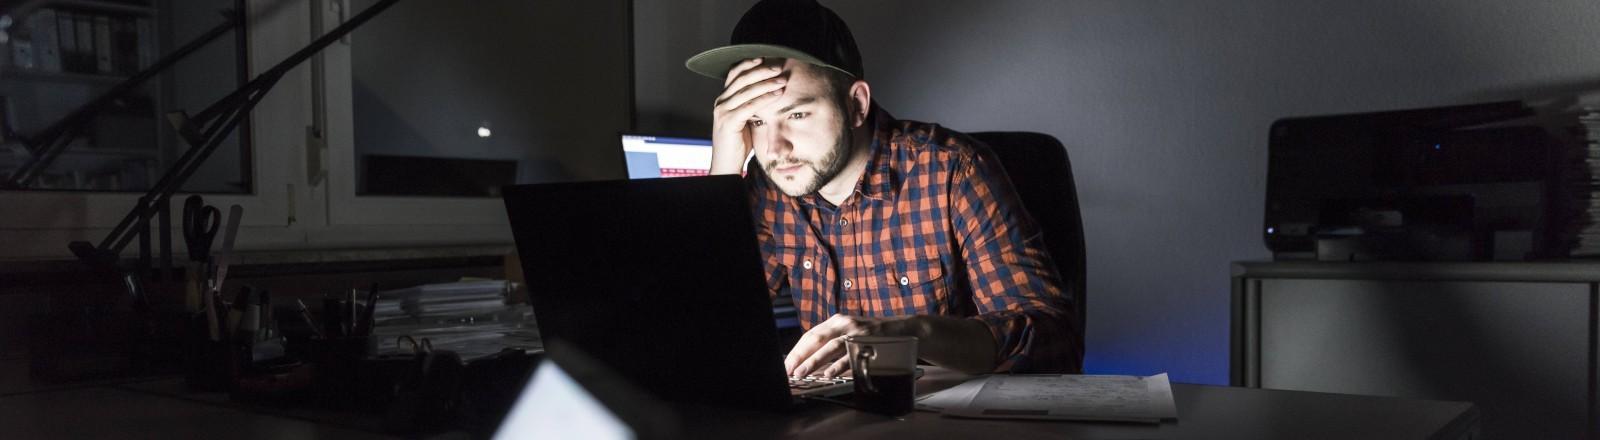 Ein Mann sitzt im Dunklen und schaut in einen hell leuchtenden Laptop